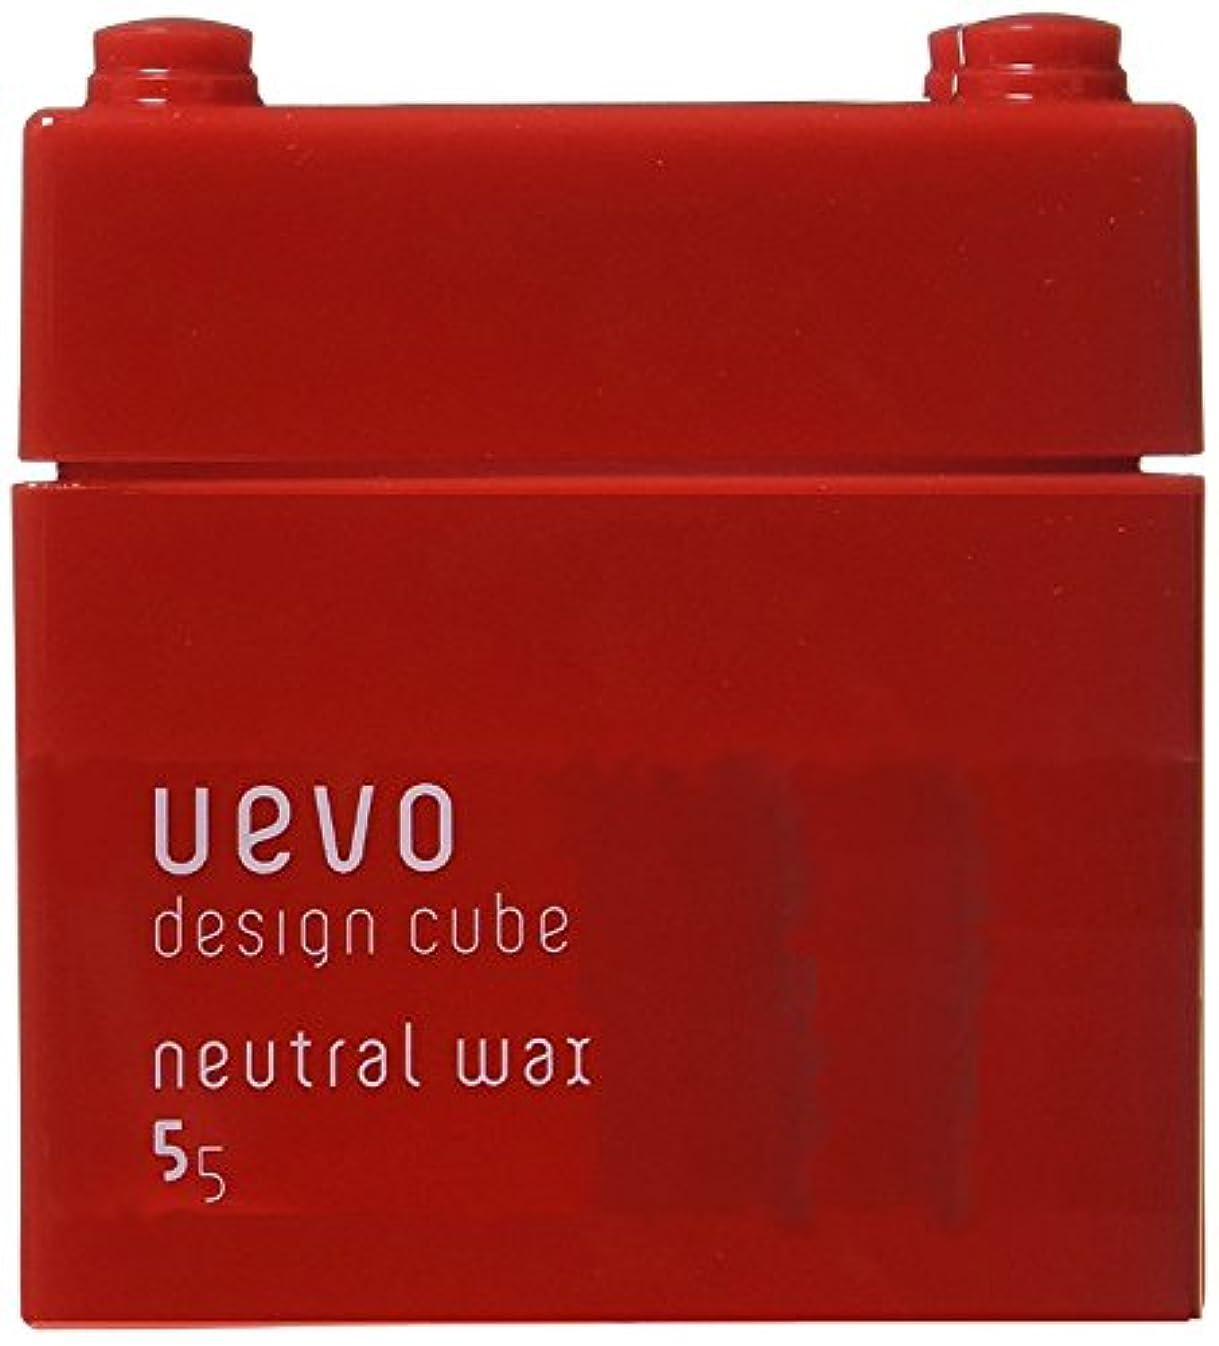 ずらすお風呂を持っているグローデミ?ウェーボ デザインキューブ ニュートラルワックス 80g(並行輸入品)